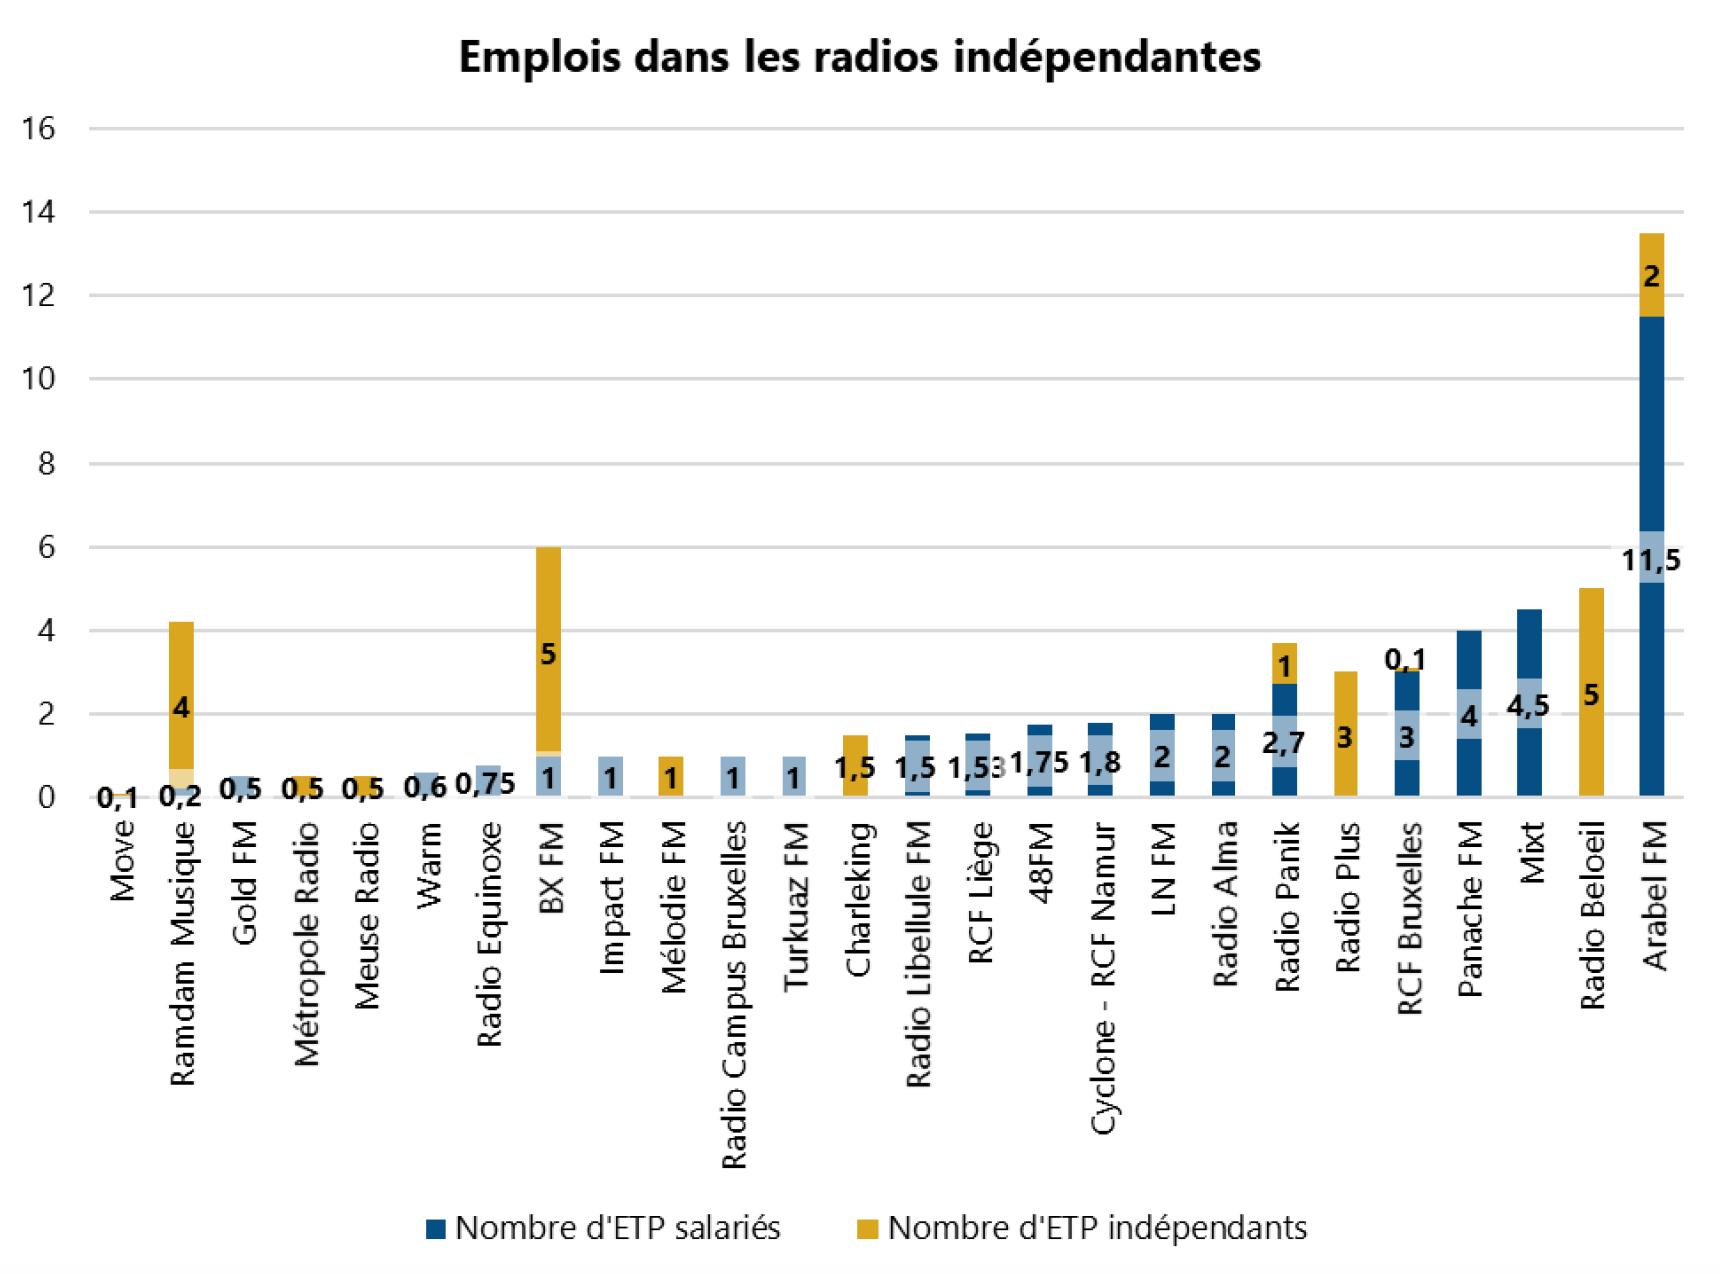 L'emploi dans les radios belges